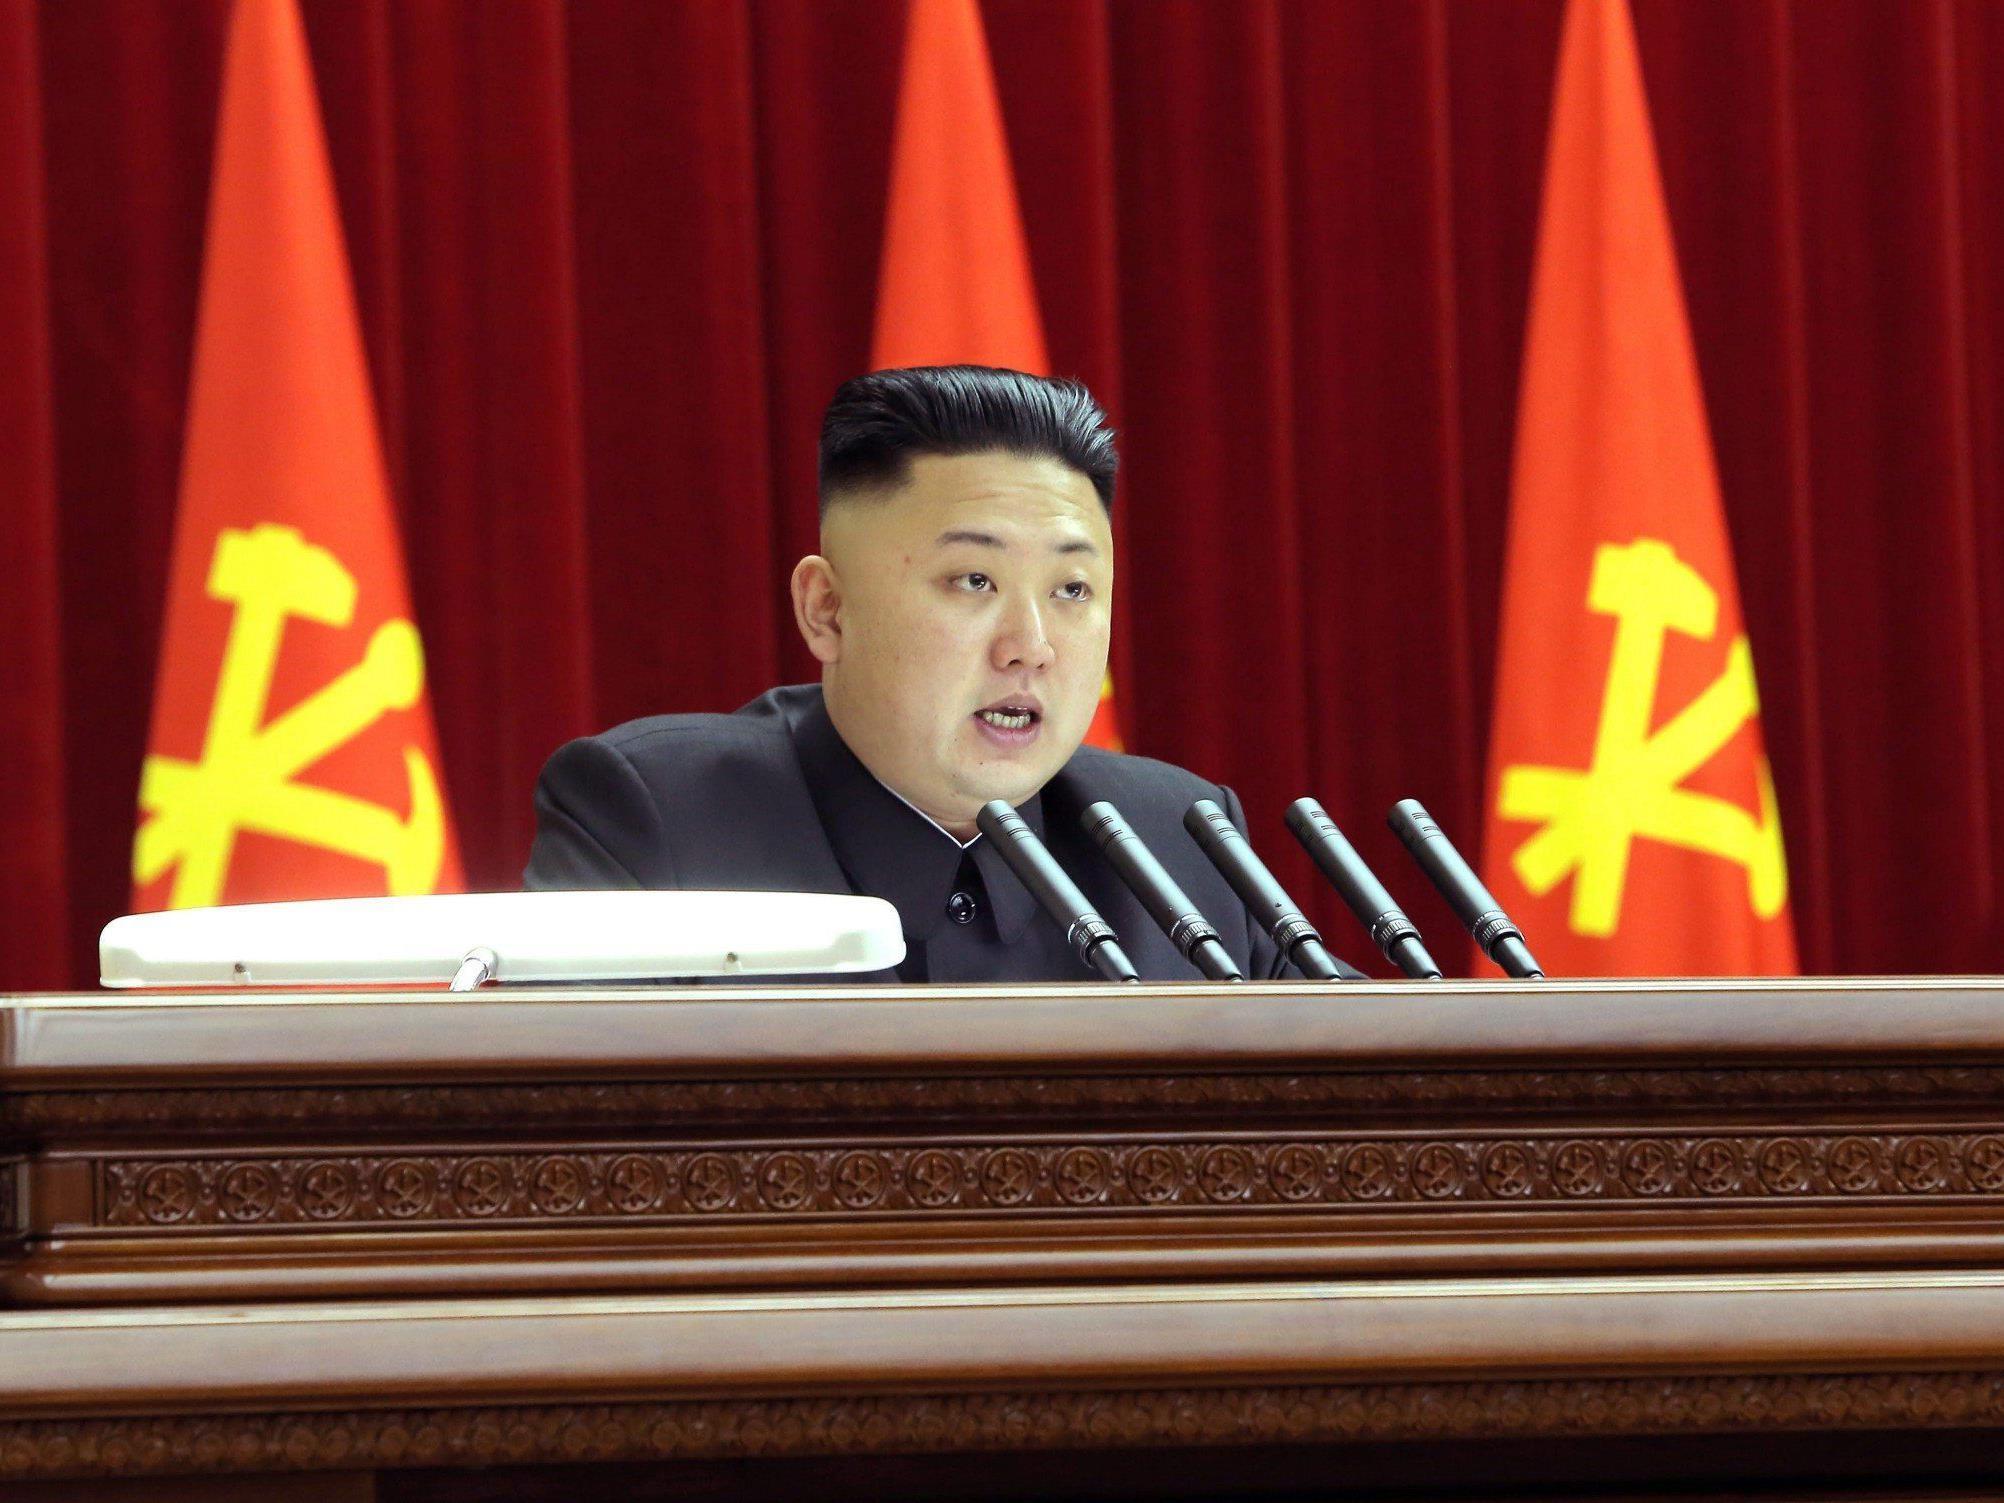 Mit einer aggressiven Kriegsrhetorik möchte Kim Jong-un seine Position im Staat stärken.